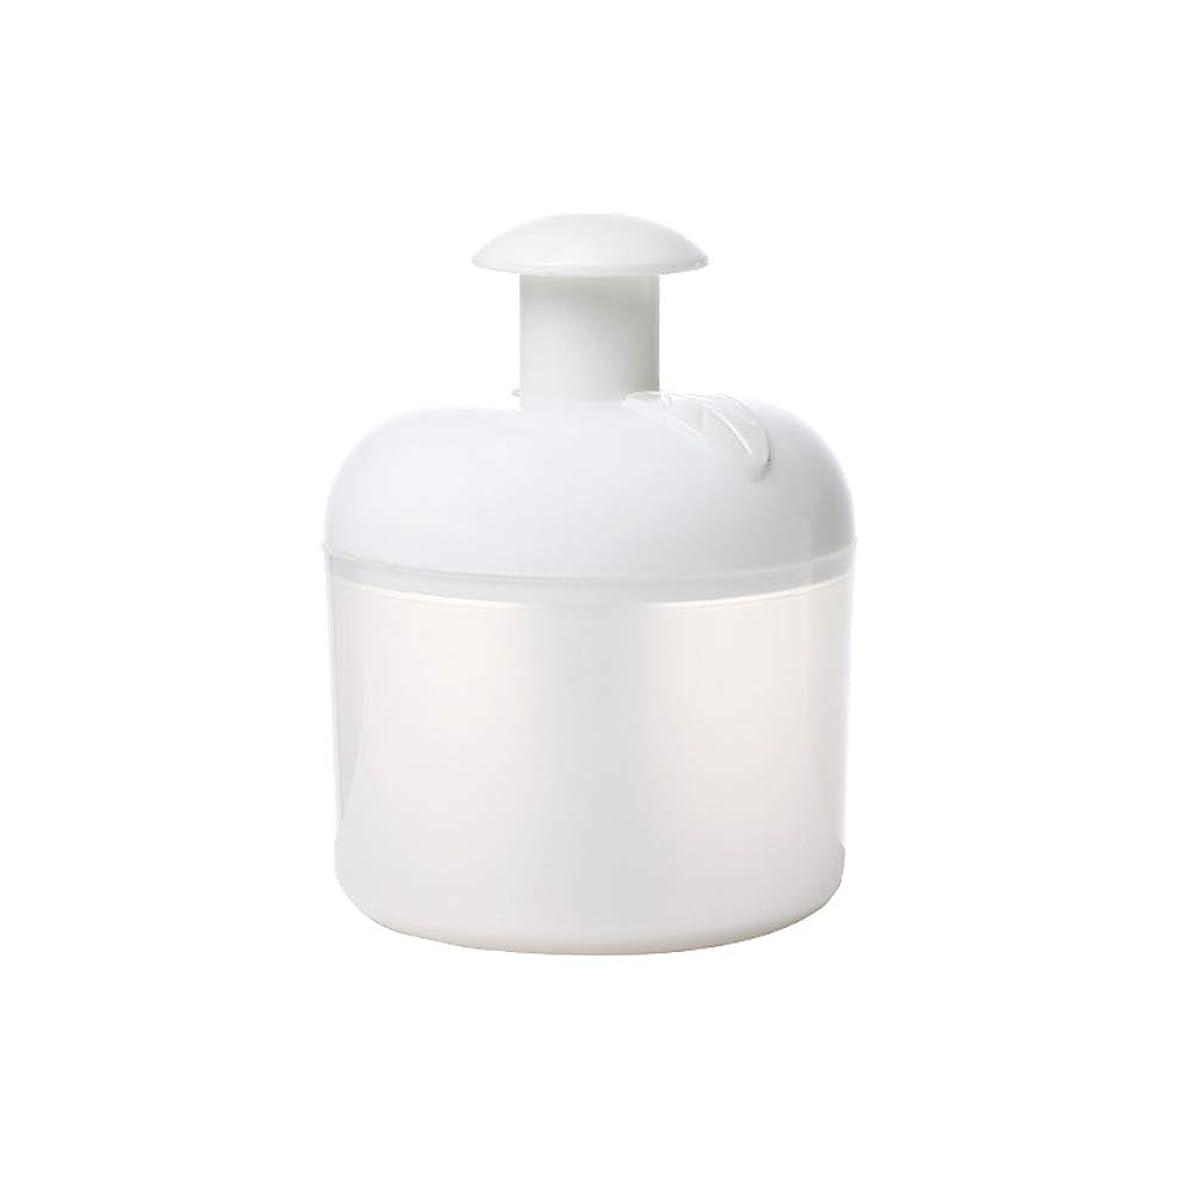 周辺電池ジャンクLurrose 洗顔泡立て器フェイスクレンザーバブルメーカー用フェイスウォッシュスキンケアトラベル家庭用(ホワイト)